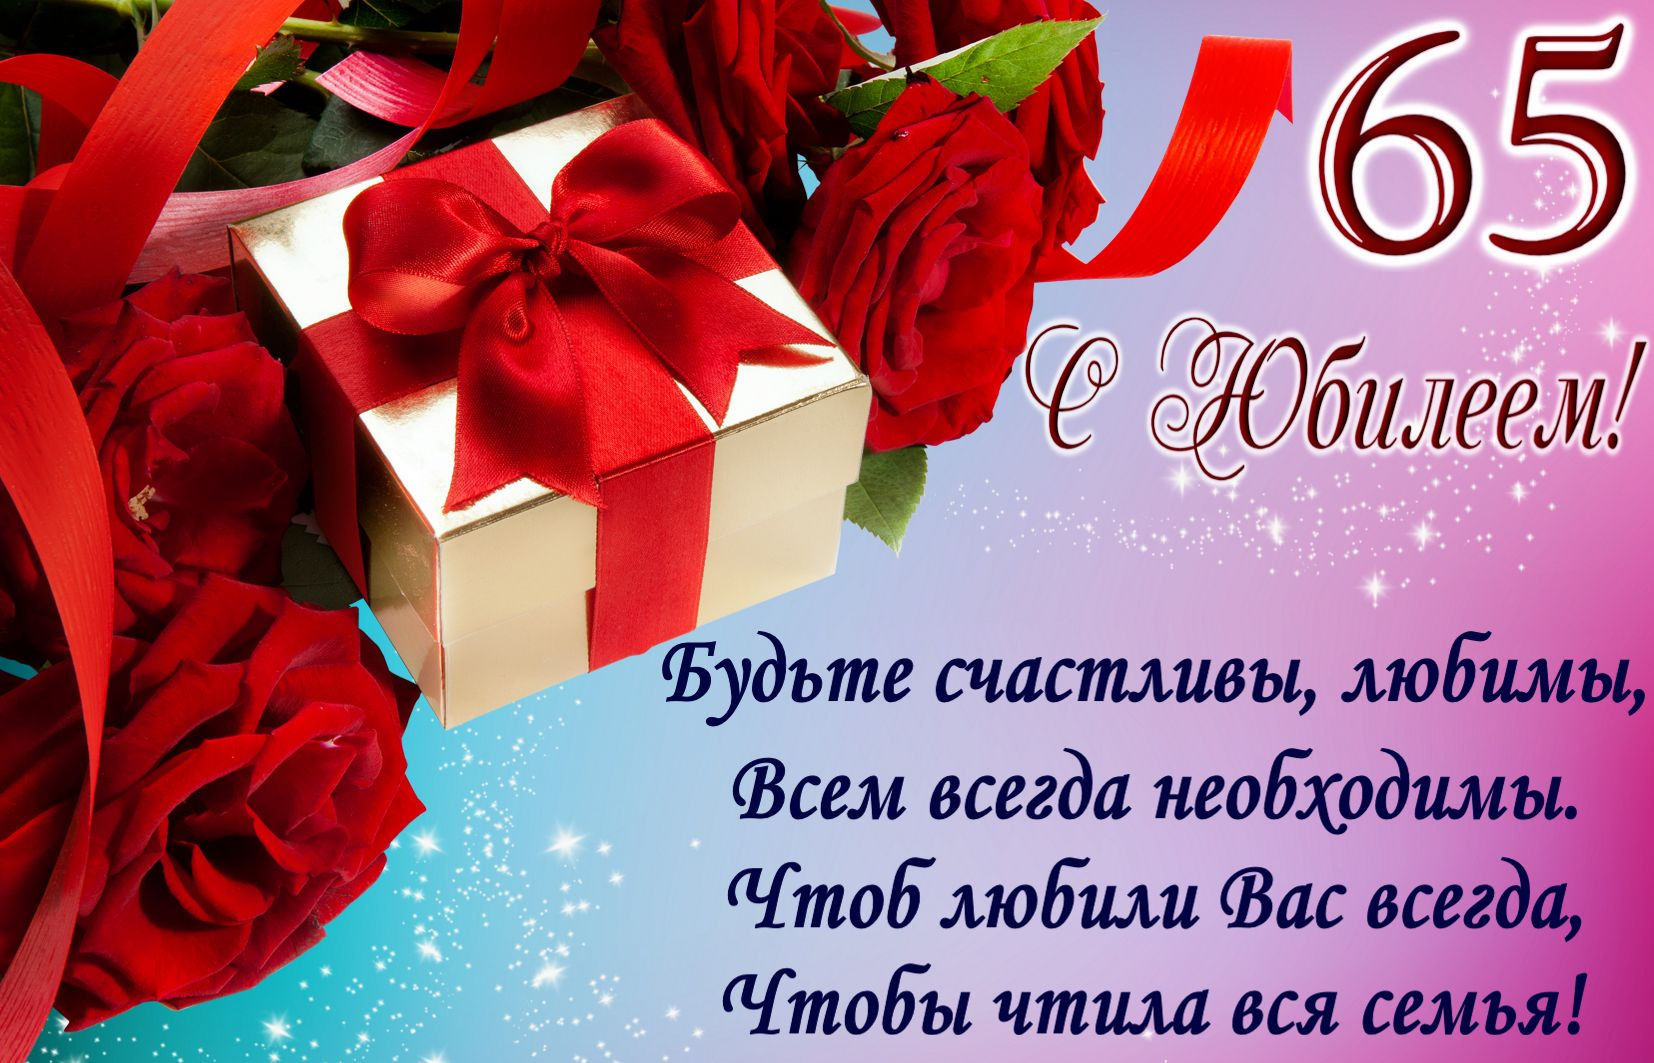 Подарок среди красных роз к юбилею 65 лет